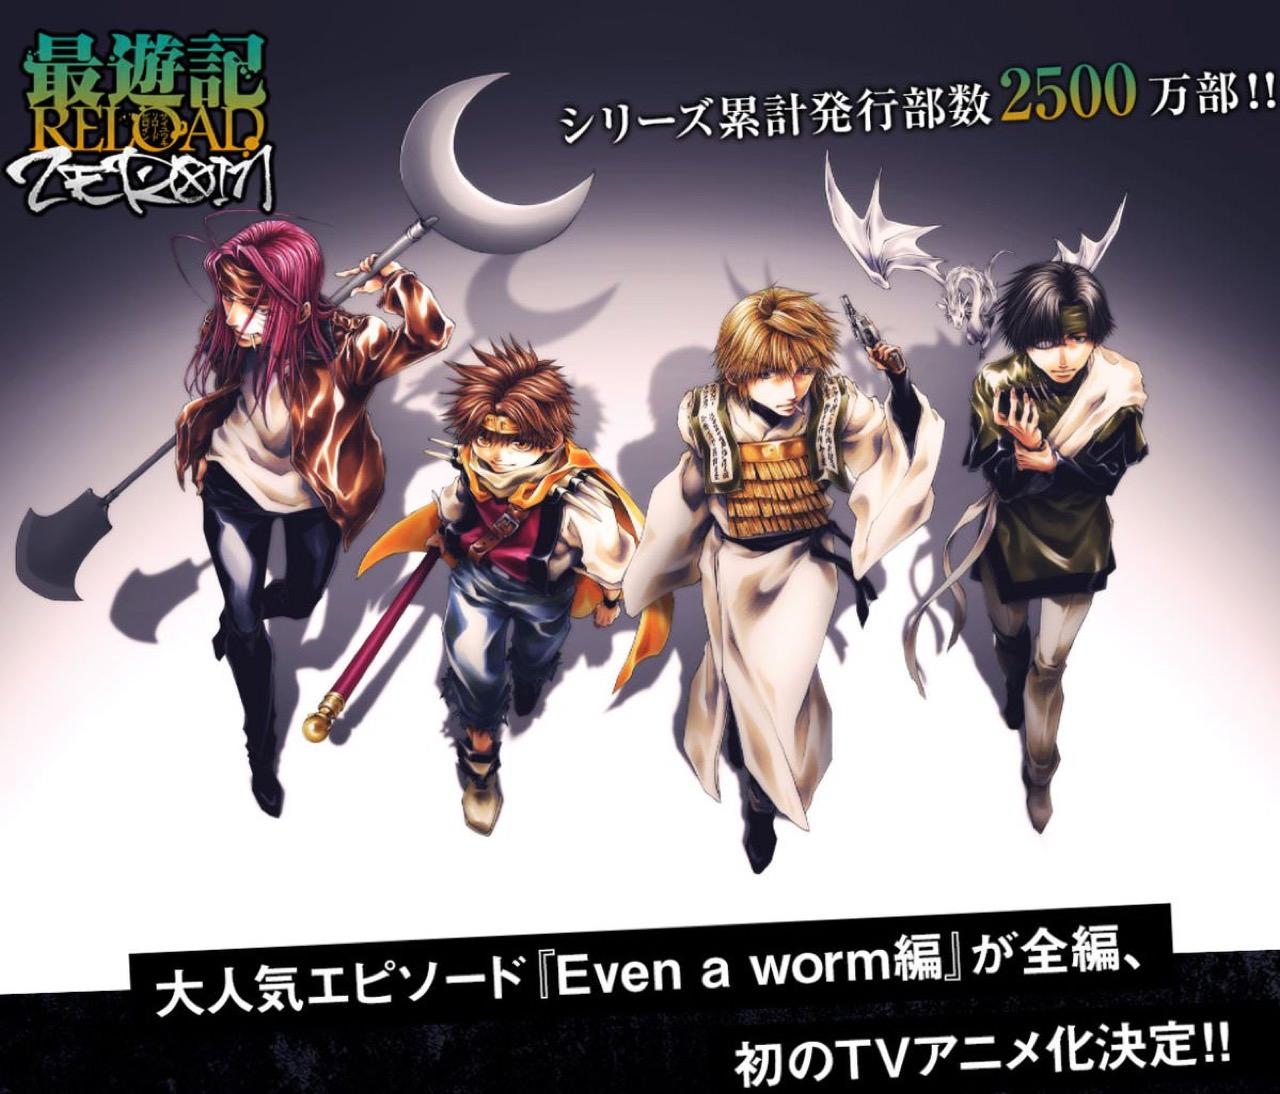 最遊記 Even a worm編が初のTVアニメ化! ティザーサイトオープン!!